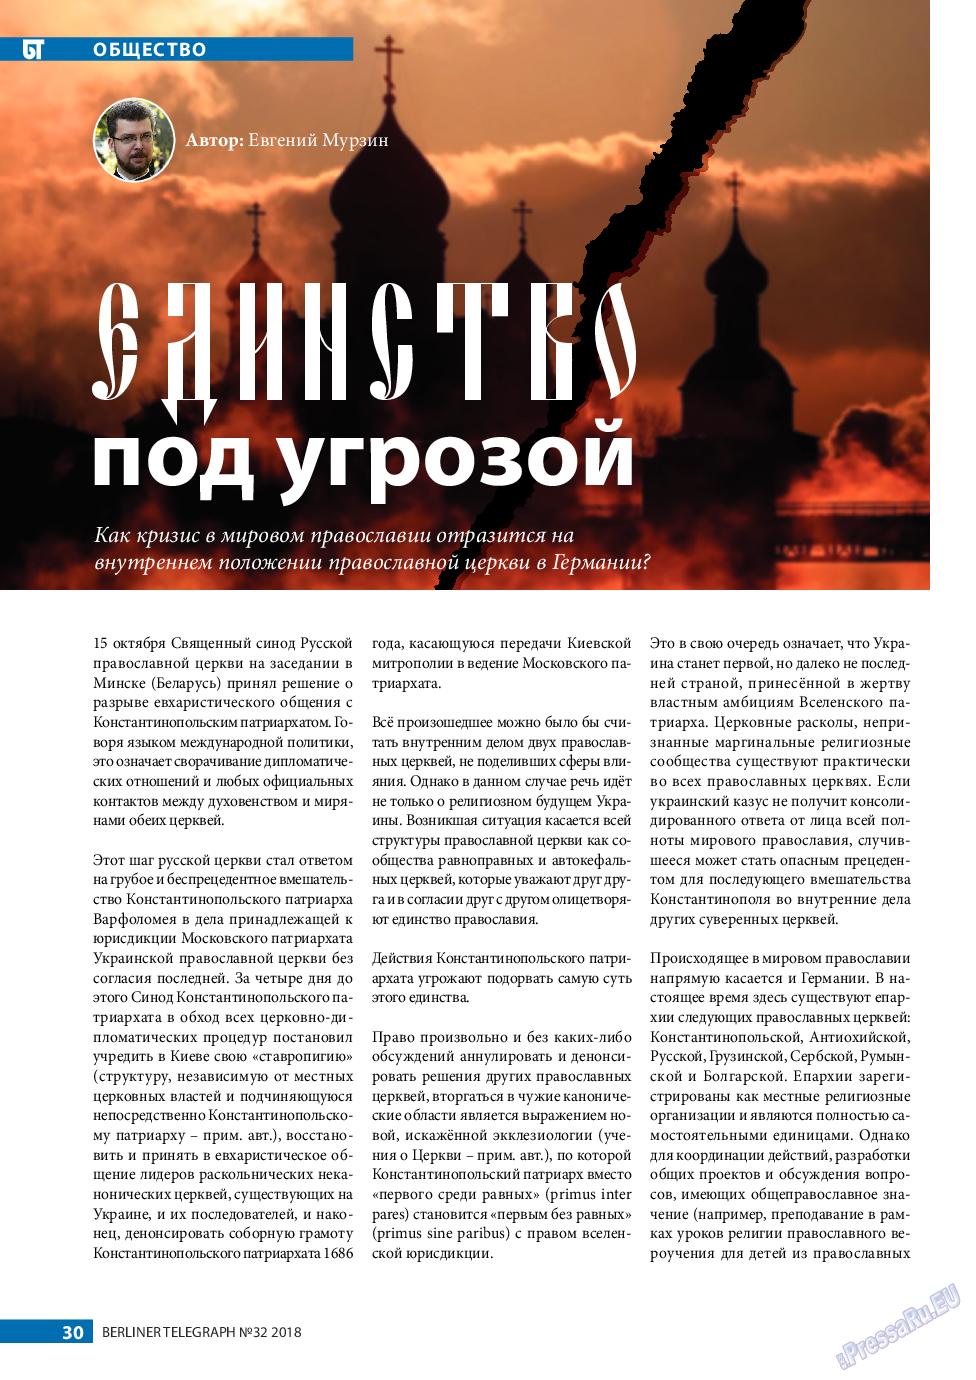 Берлинский телеграф (журнал). 2018 год, номер 32, стр. 30